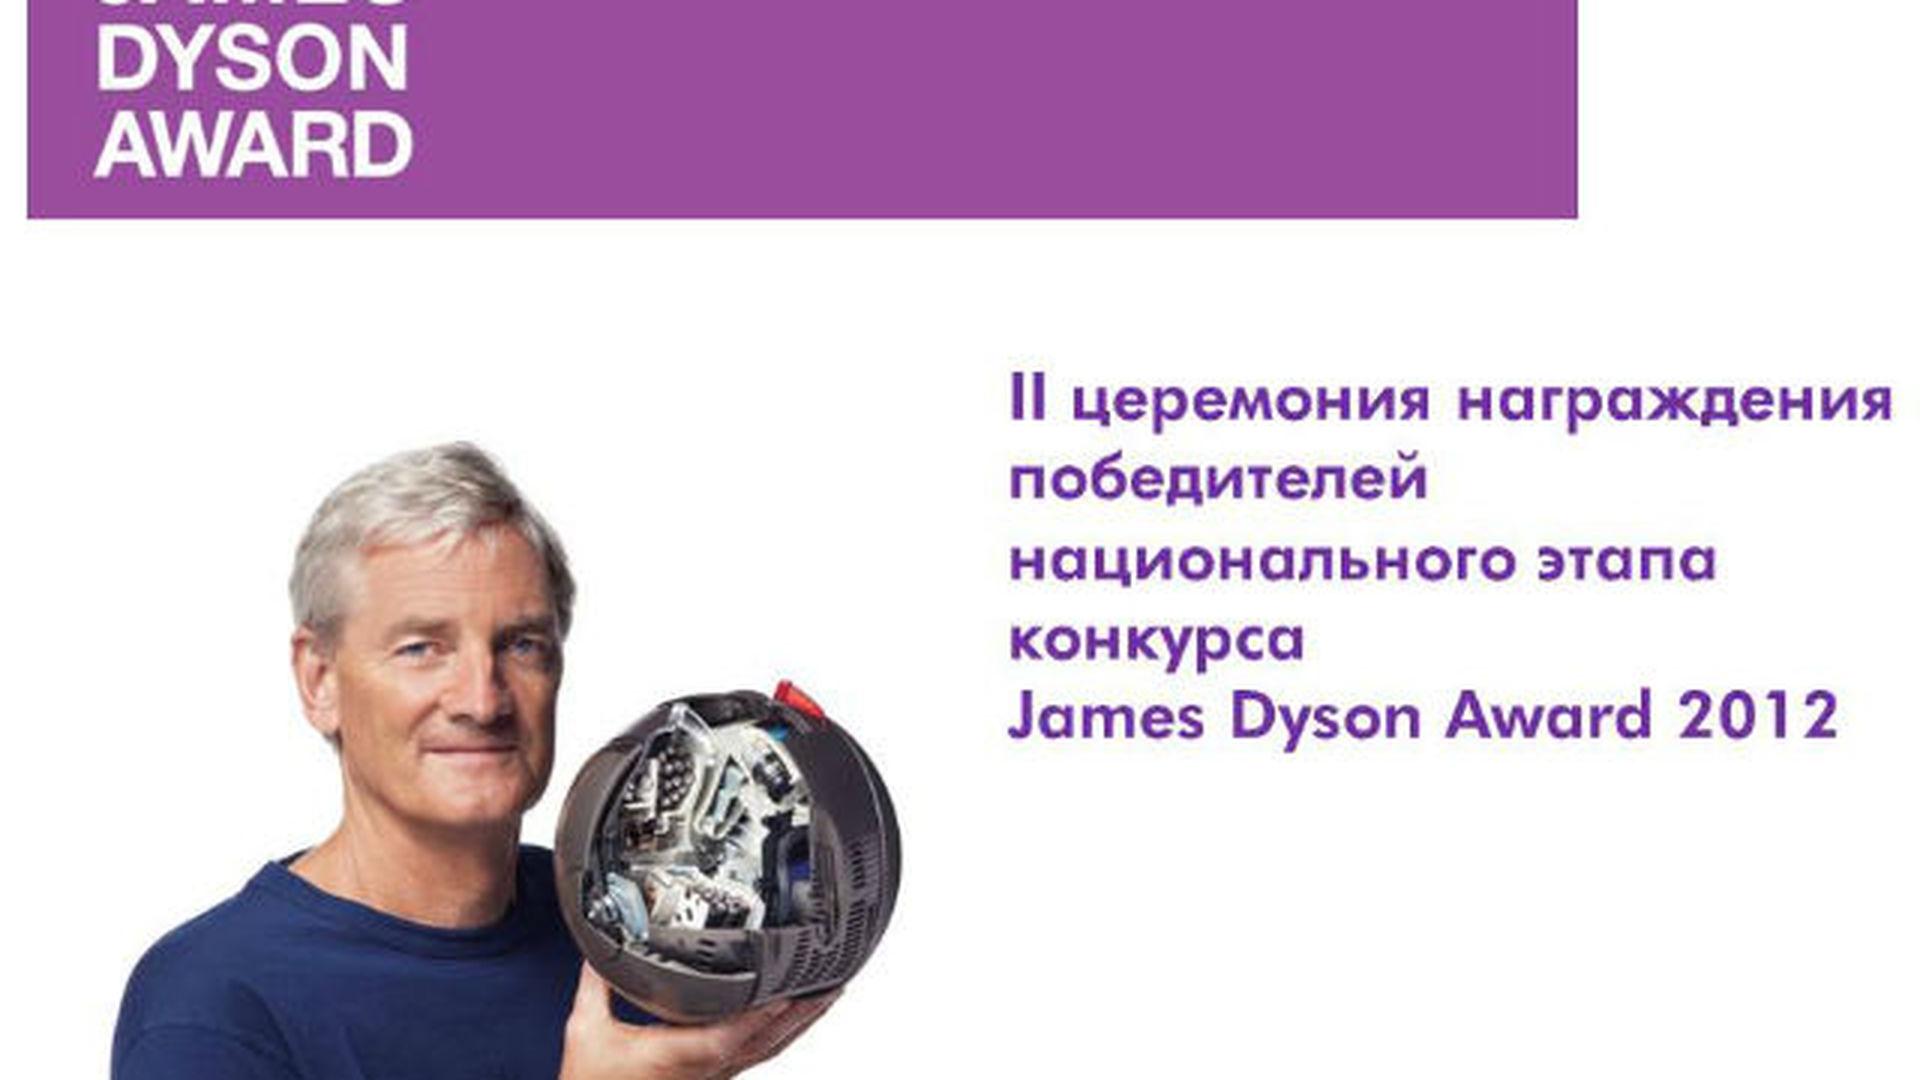 387c11a192705 В России конкурс проводится во второй раз. Количество дизайнеров и молодых  учёных, желающих показать свои технические решения и проекты, постепенно  растёт